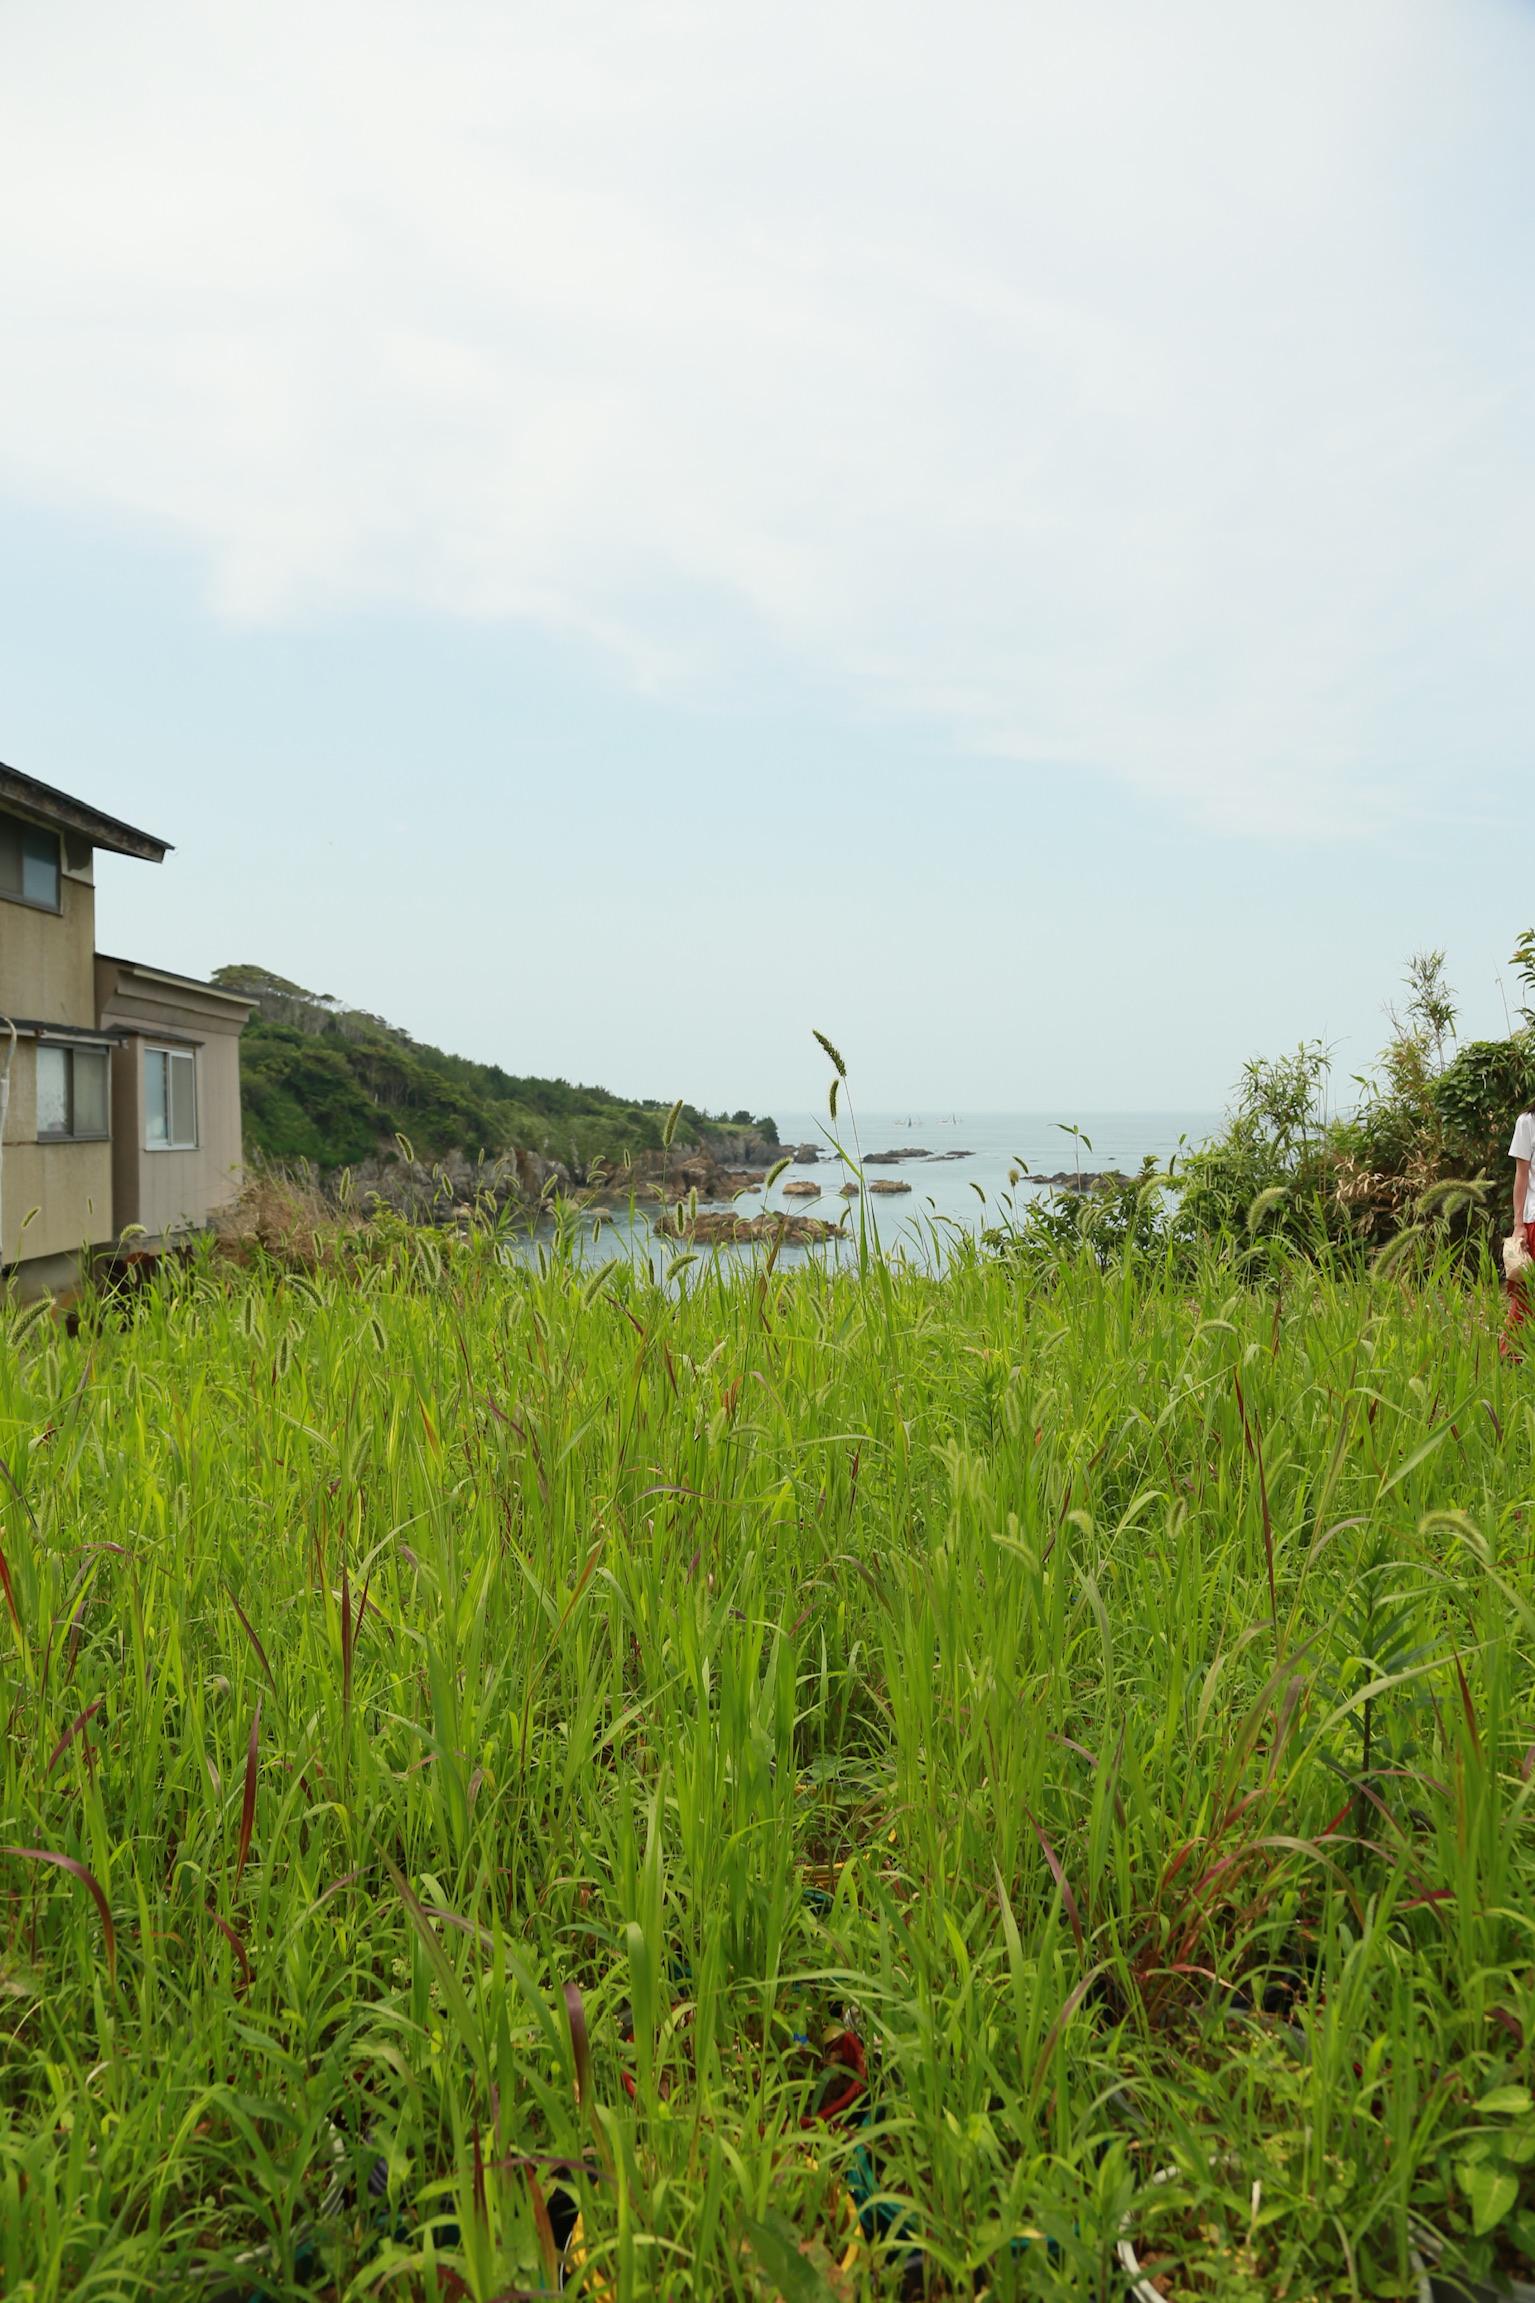 カラフルなポリバケツに入った雑草。力強く伸びている。作品のすぐ隣は崖になっており美しい海と島の岩肌が見える